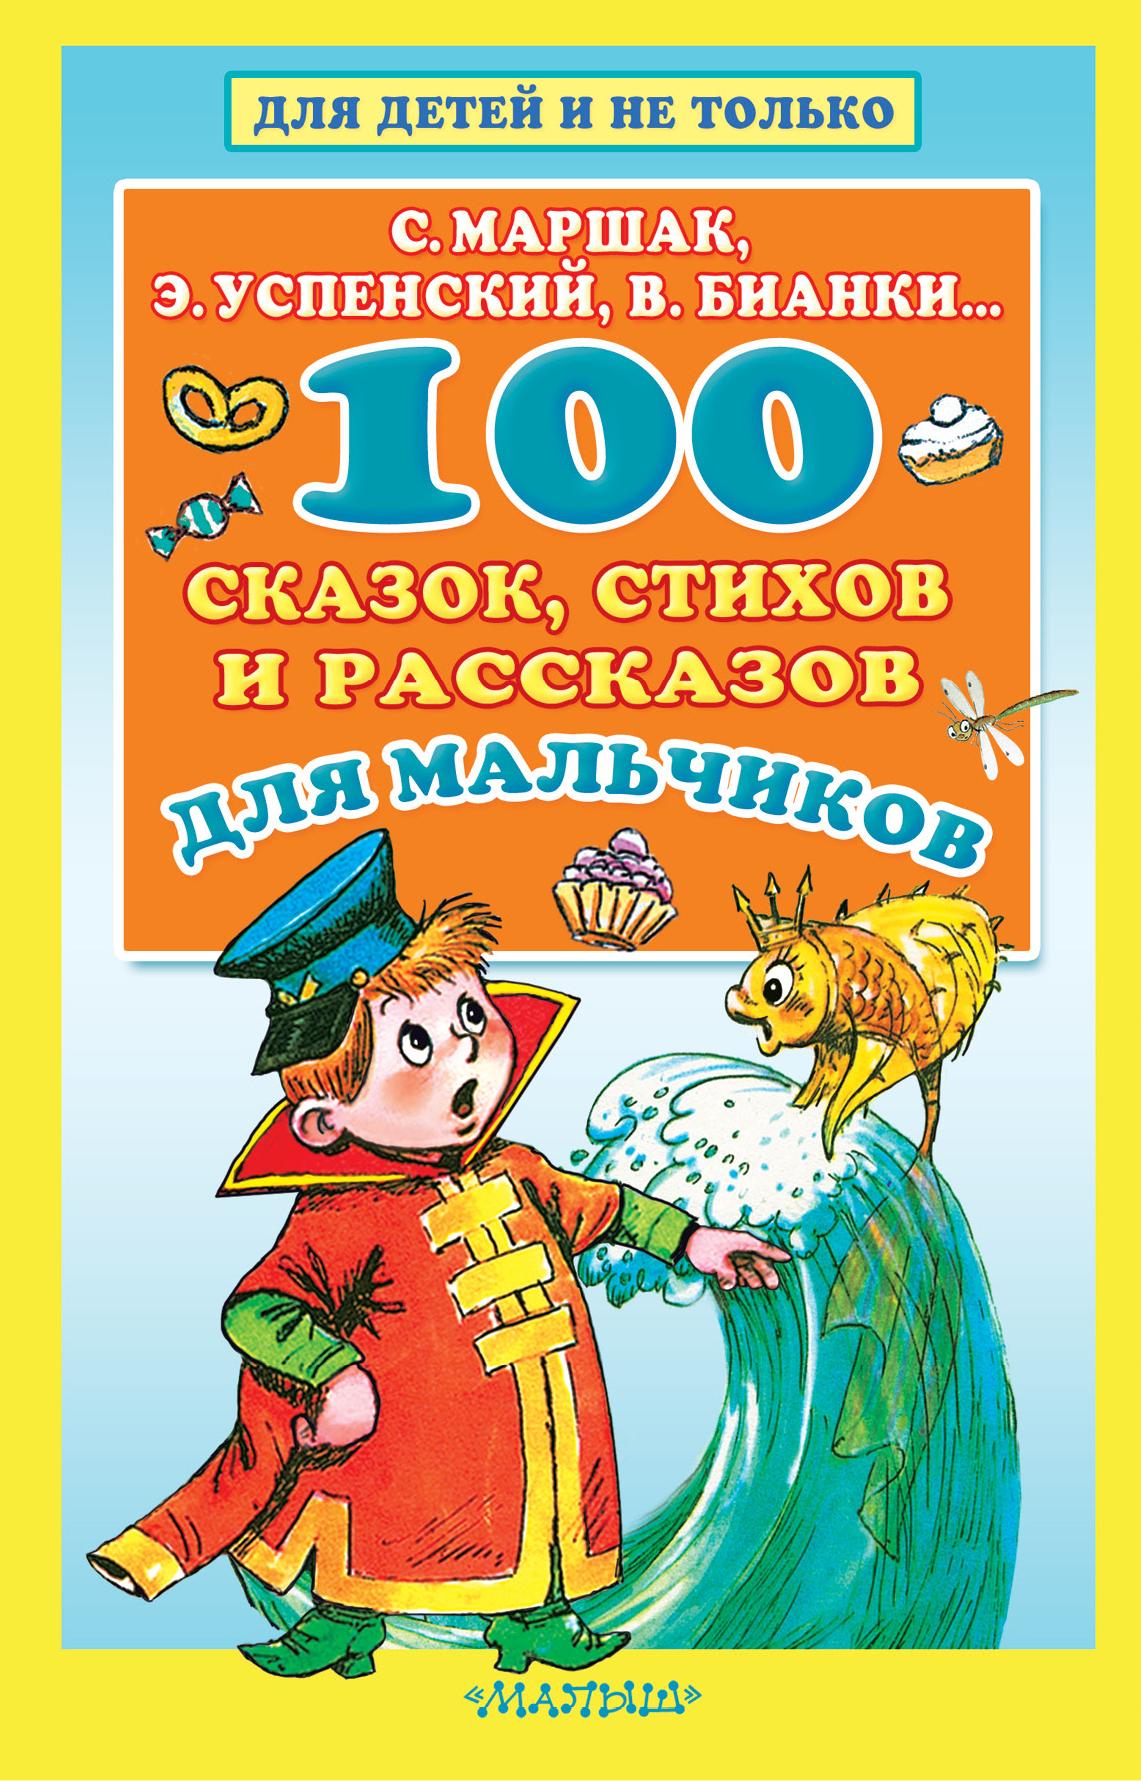 Фото - В. Бианки, С. Маршак, Э. Успенский 100 сказок, стихов и рассказов для мальчиков дмитриева в г книга сказок для мальчиков